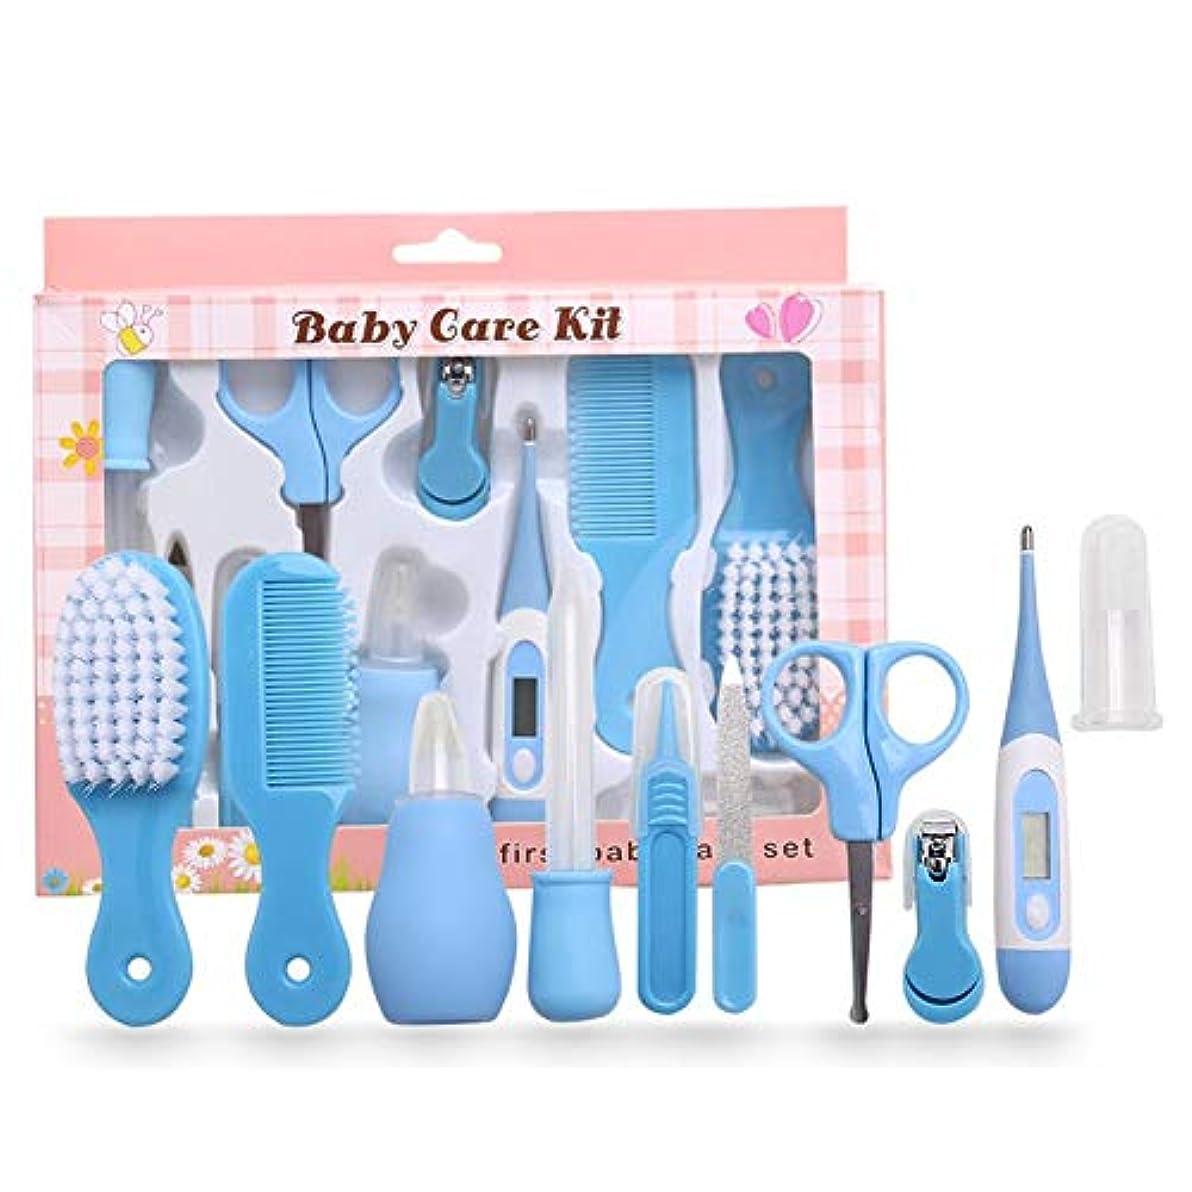 ベビーヘルスケアグルーミングキット ベビーケアセット 新生児ケアキット 10点セット プラスチック製 爪切り 爪磨き 鼻吸い器など hjuns-Wu